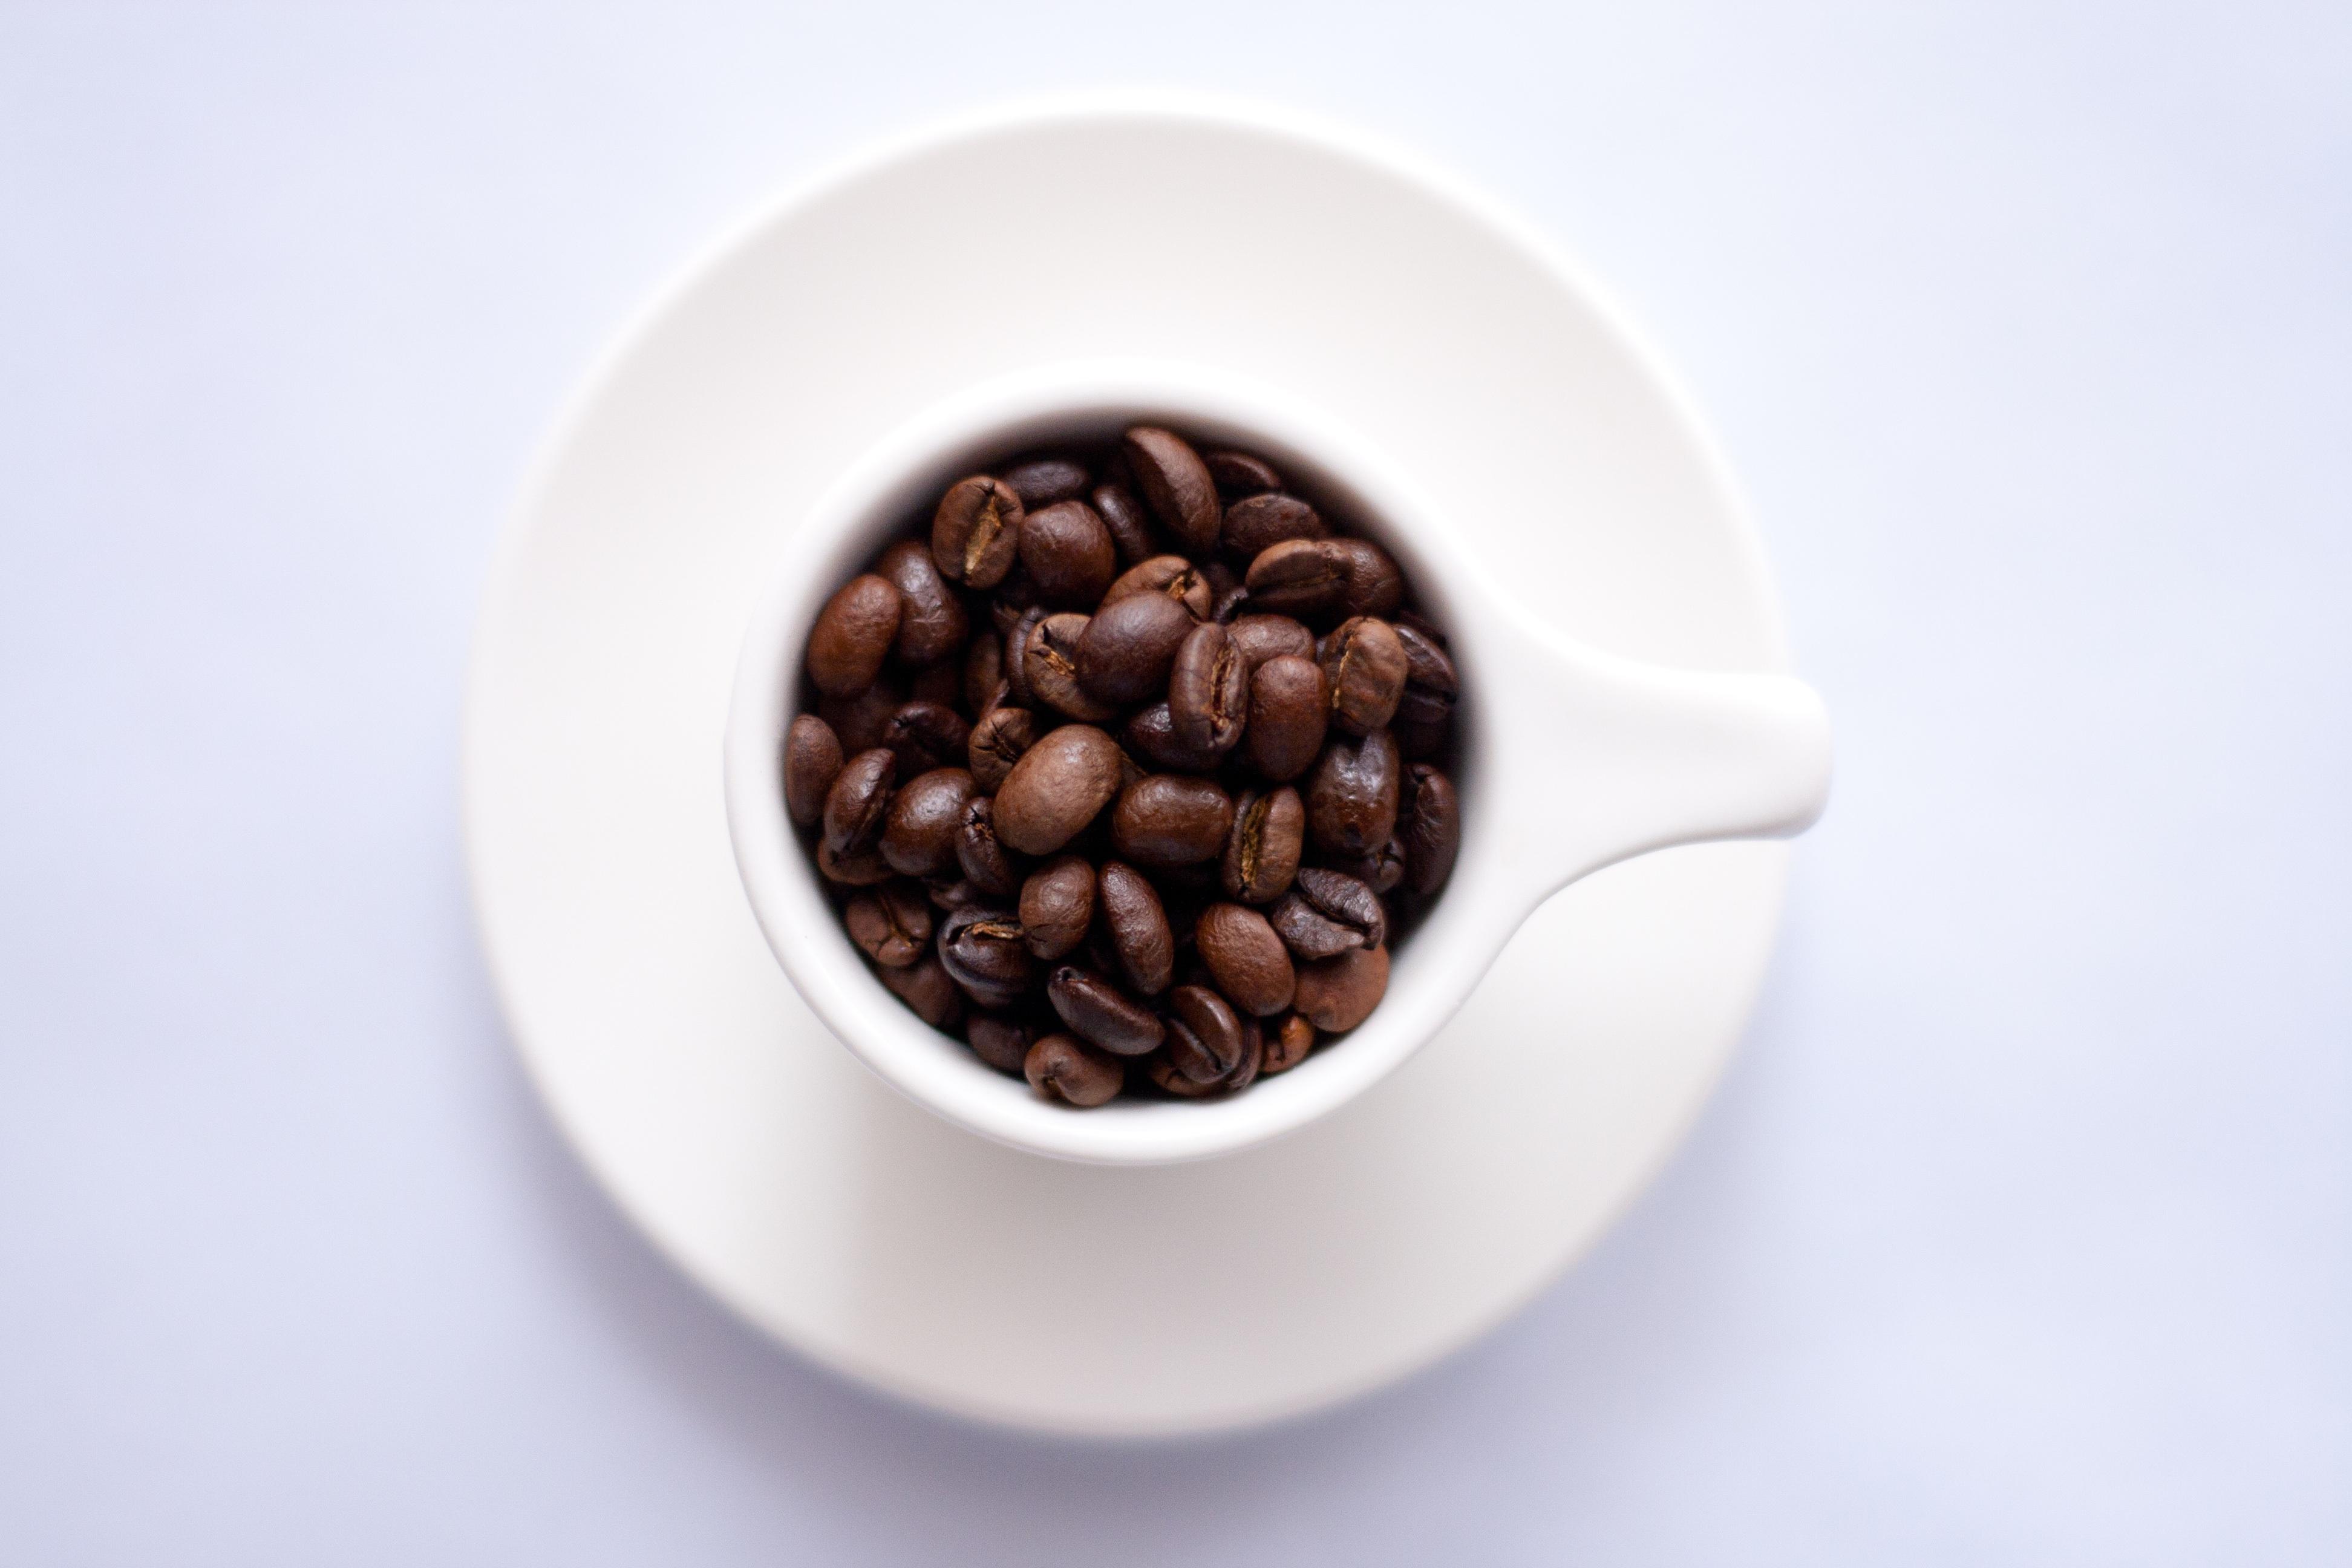 Coffee bean, Bean, Black, Brown, Coffee, HQ Photo